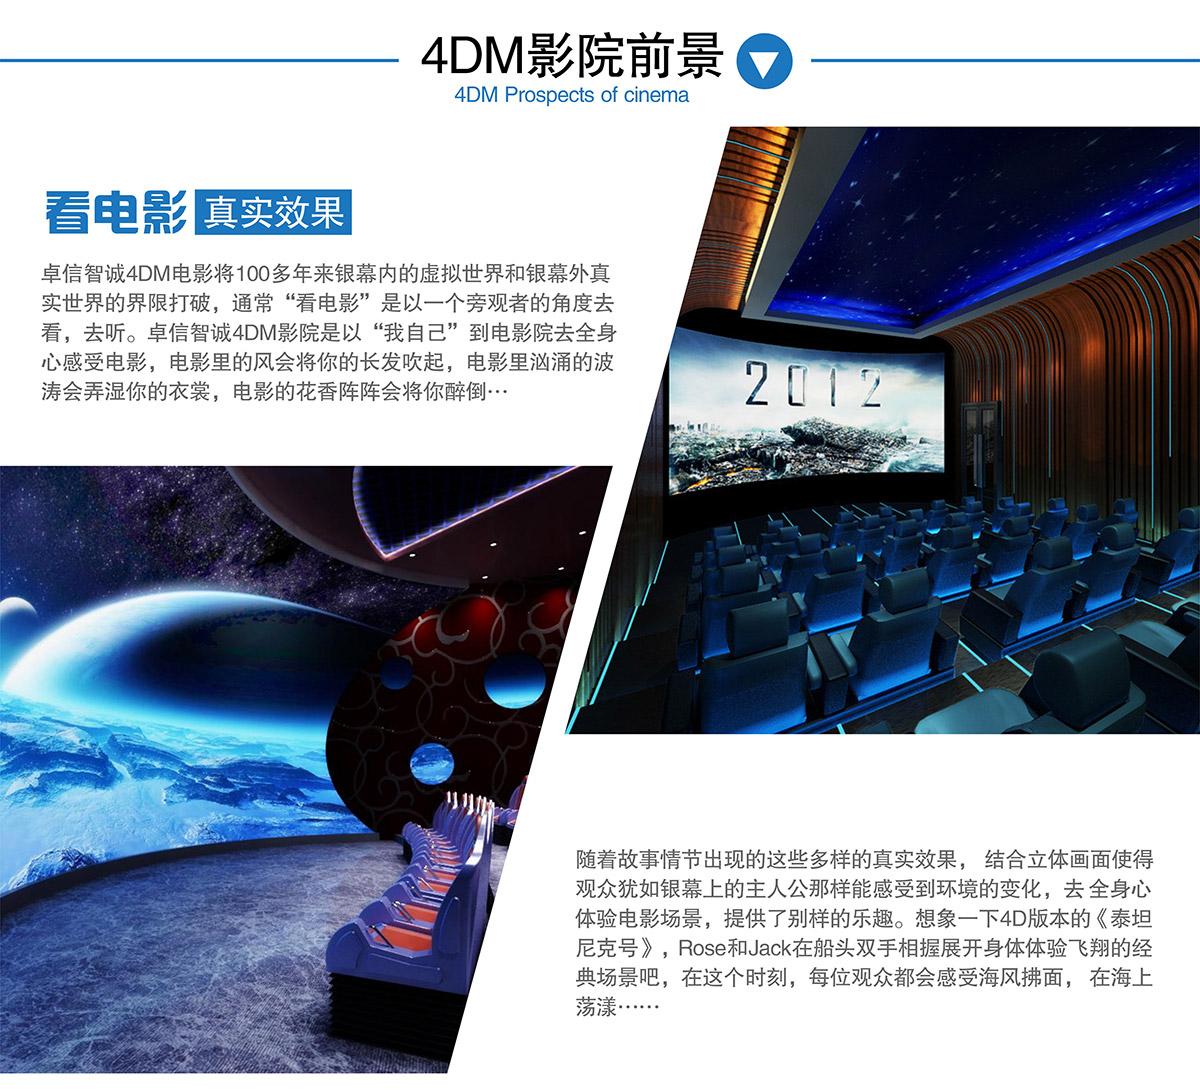 安全体验4DM影院前景.jpg